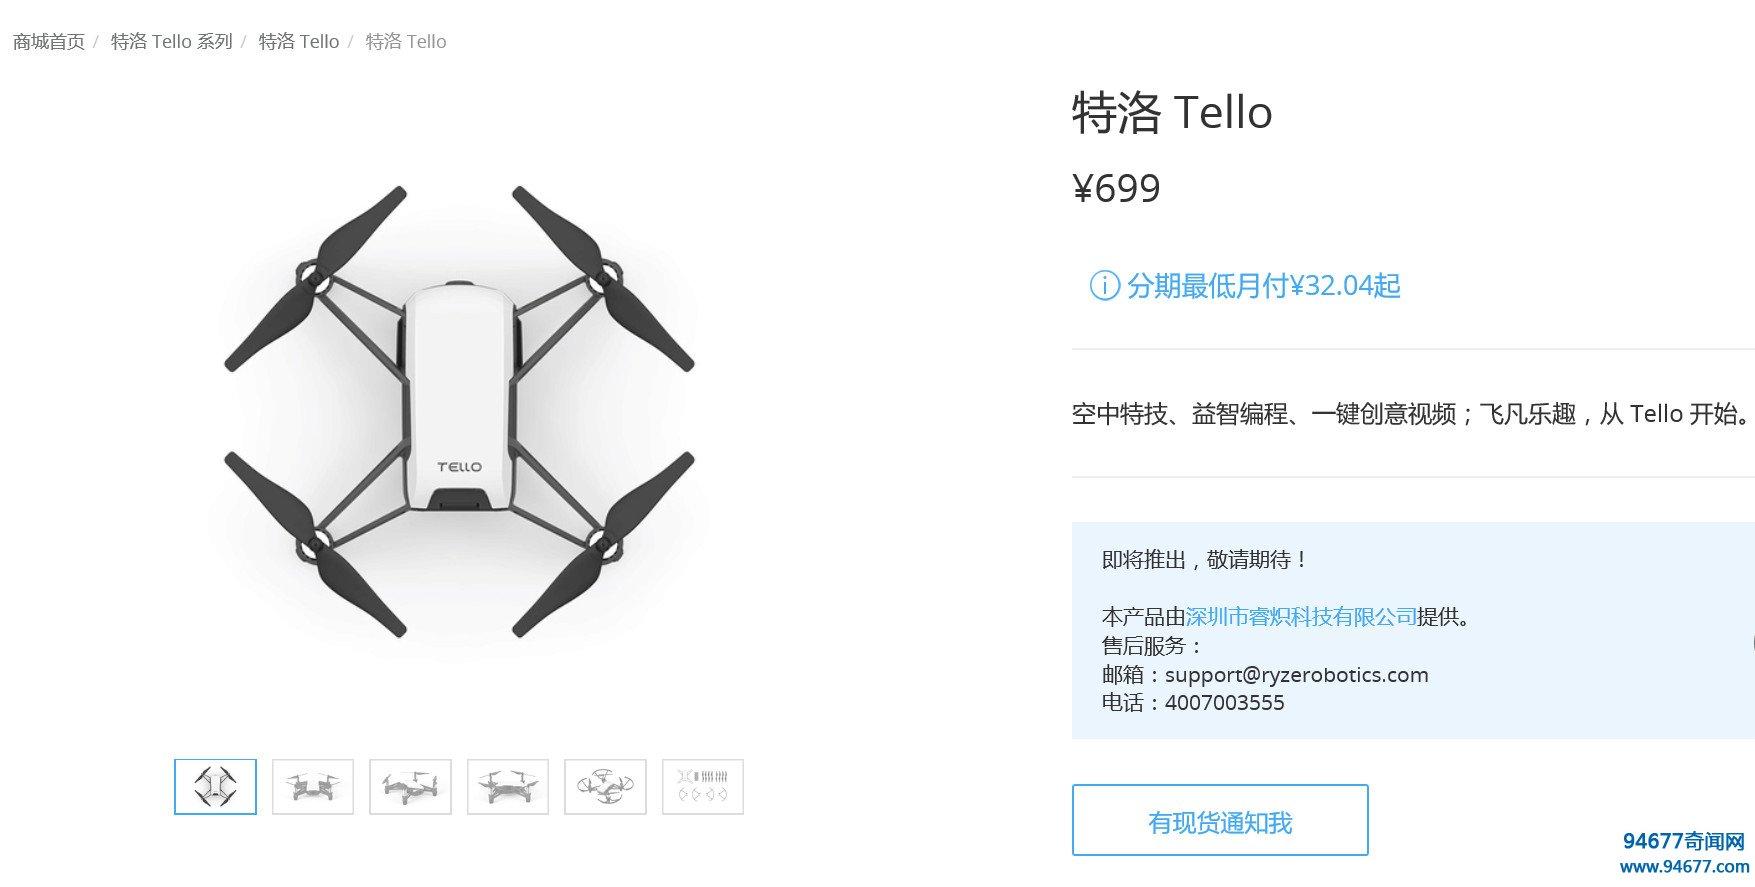 大疆Tello最新小型无人机登场,仅售699元!